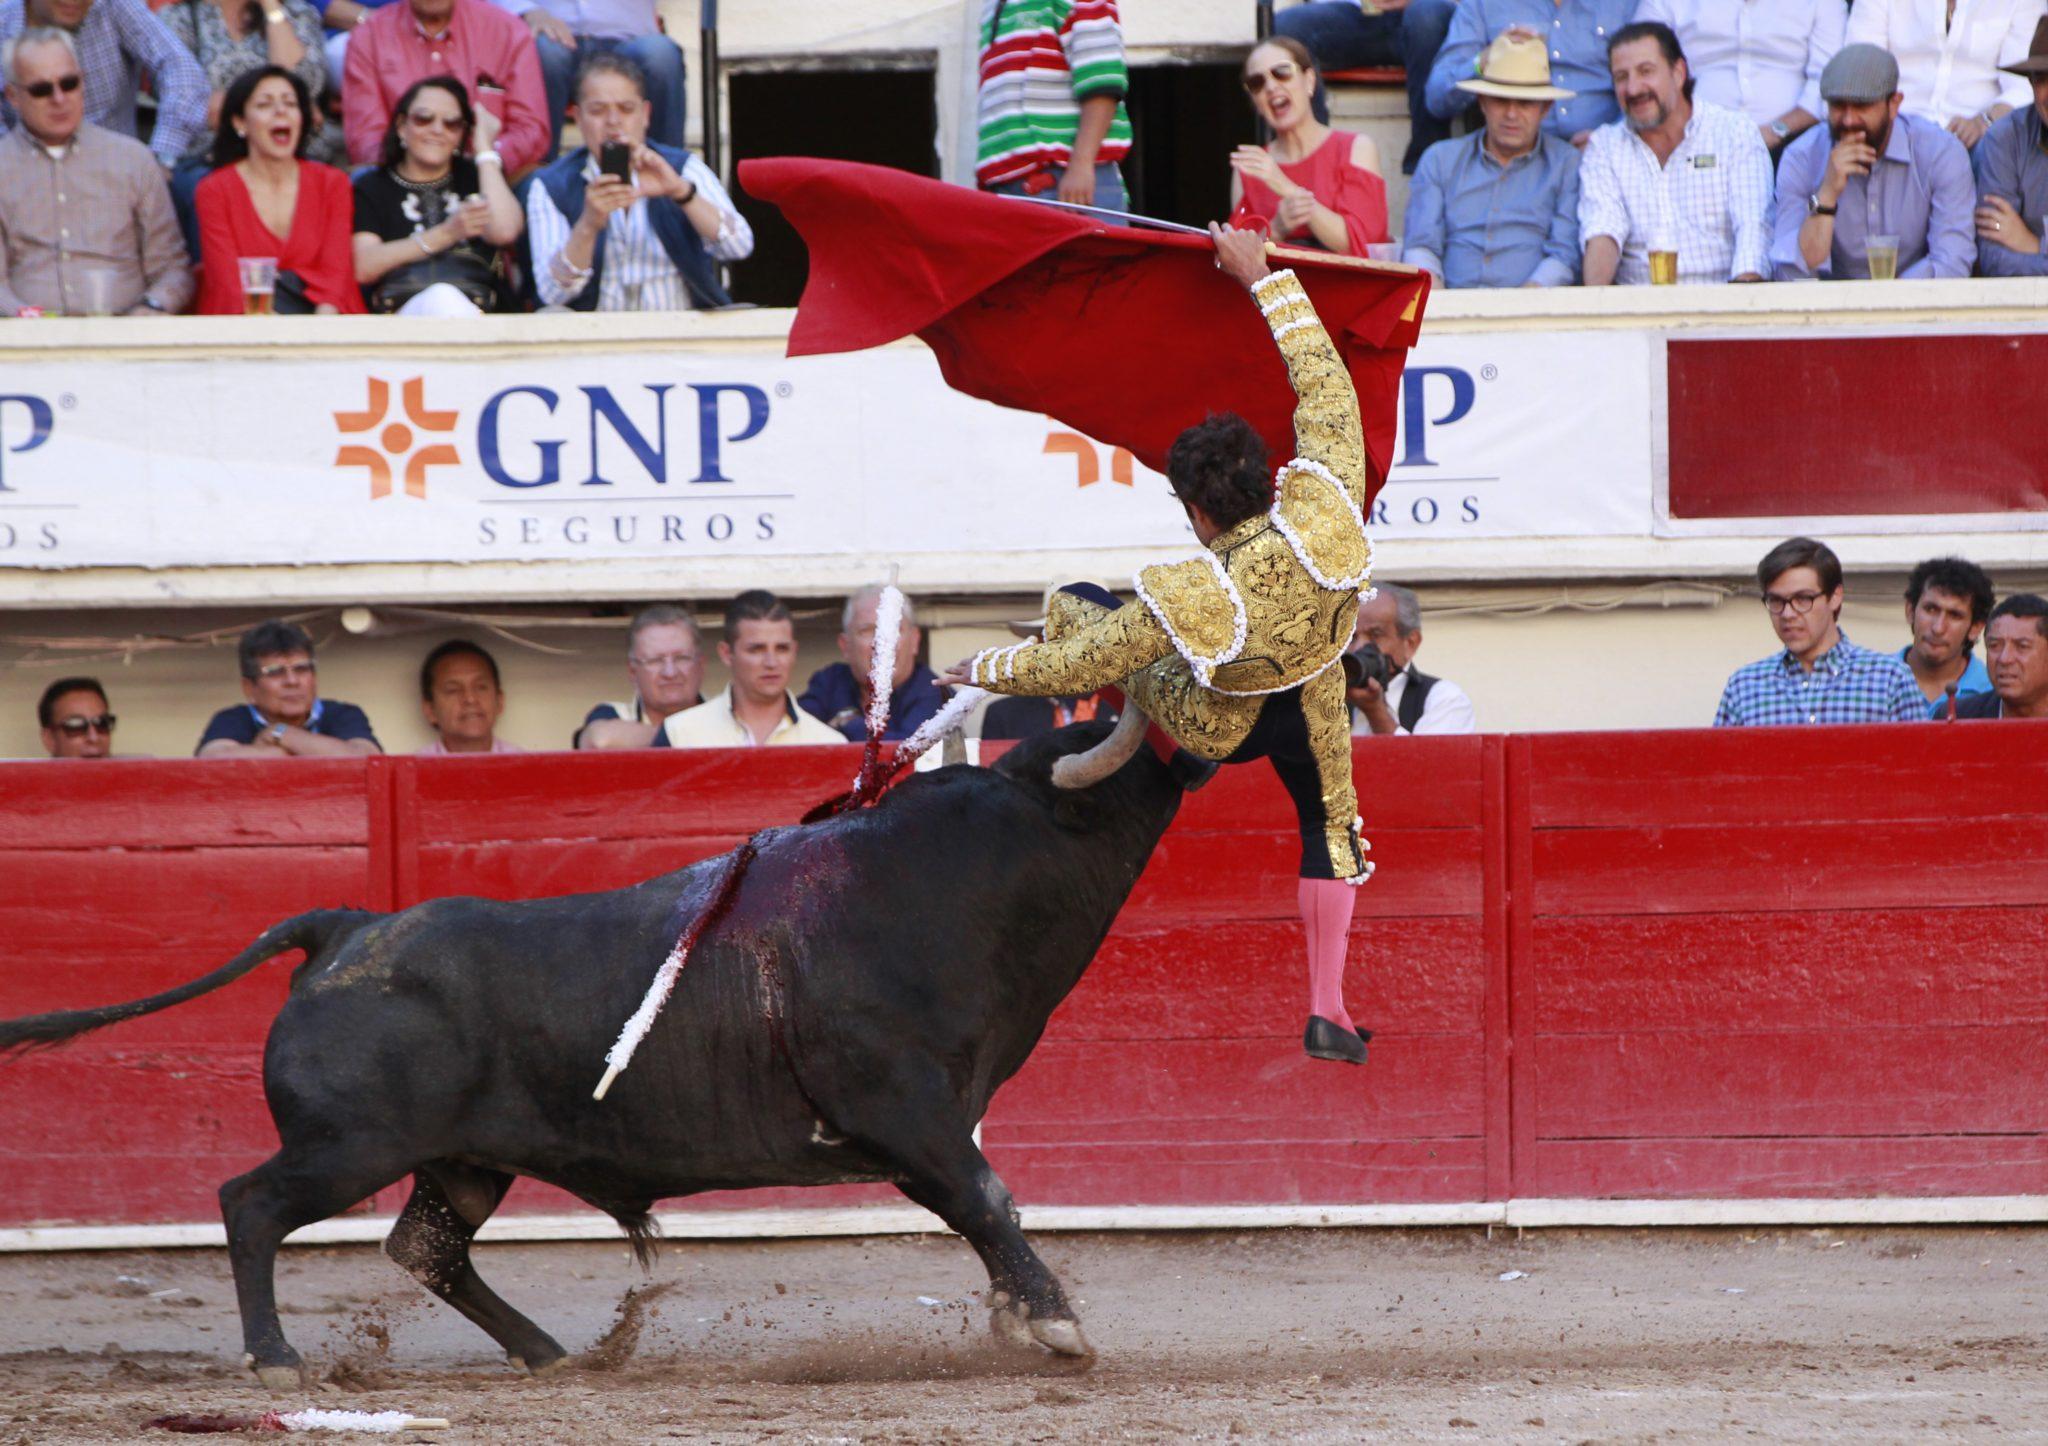 Meksyk: inauguracja Narodowego Festiwalu Św. Marka w Agiascalientes, podczas którego tradycyjnie odbyły się walki  byków (foto. PAP/EPA/MARIO GUZMAN)